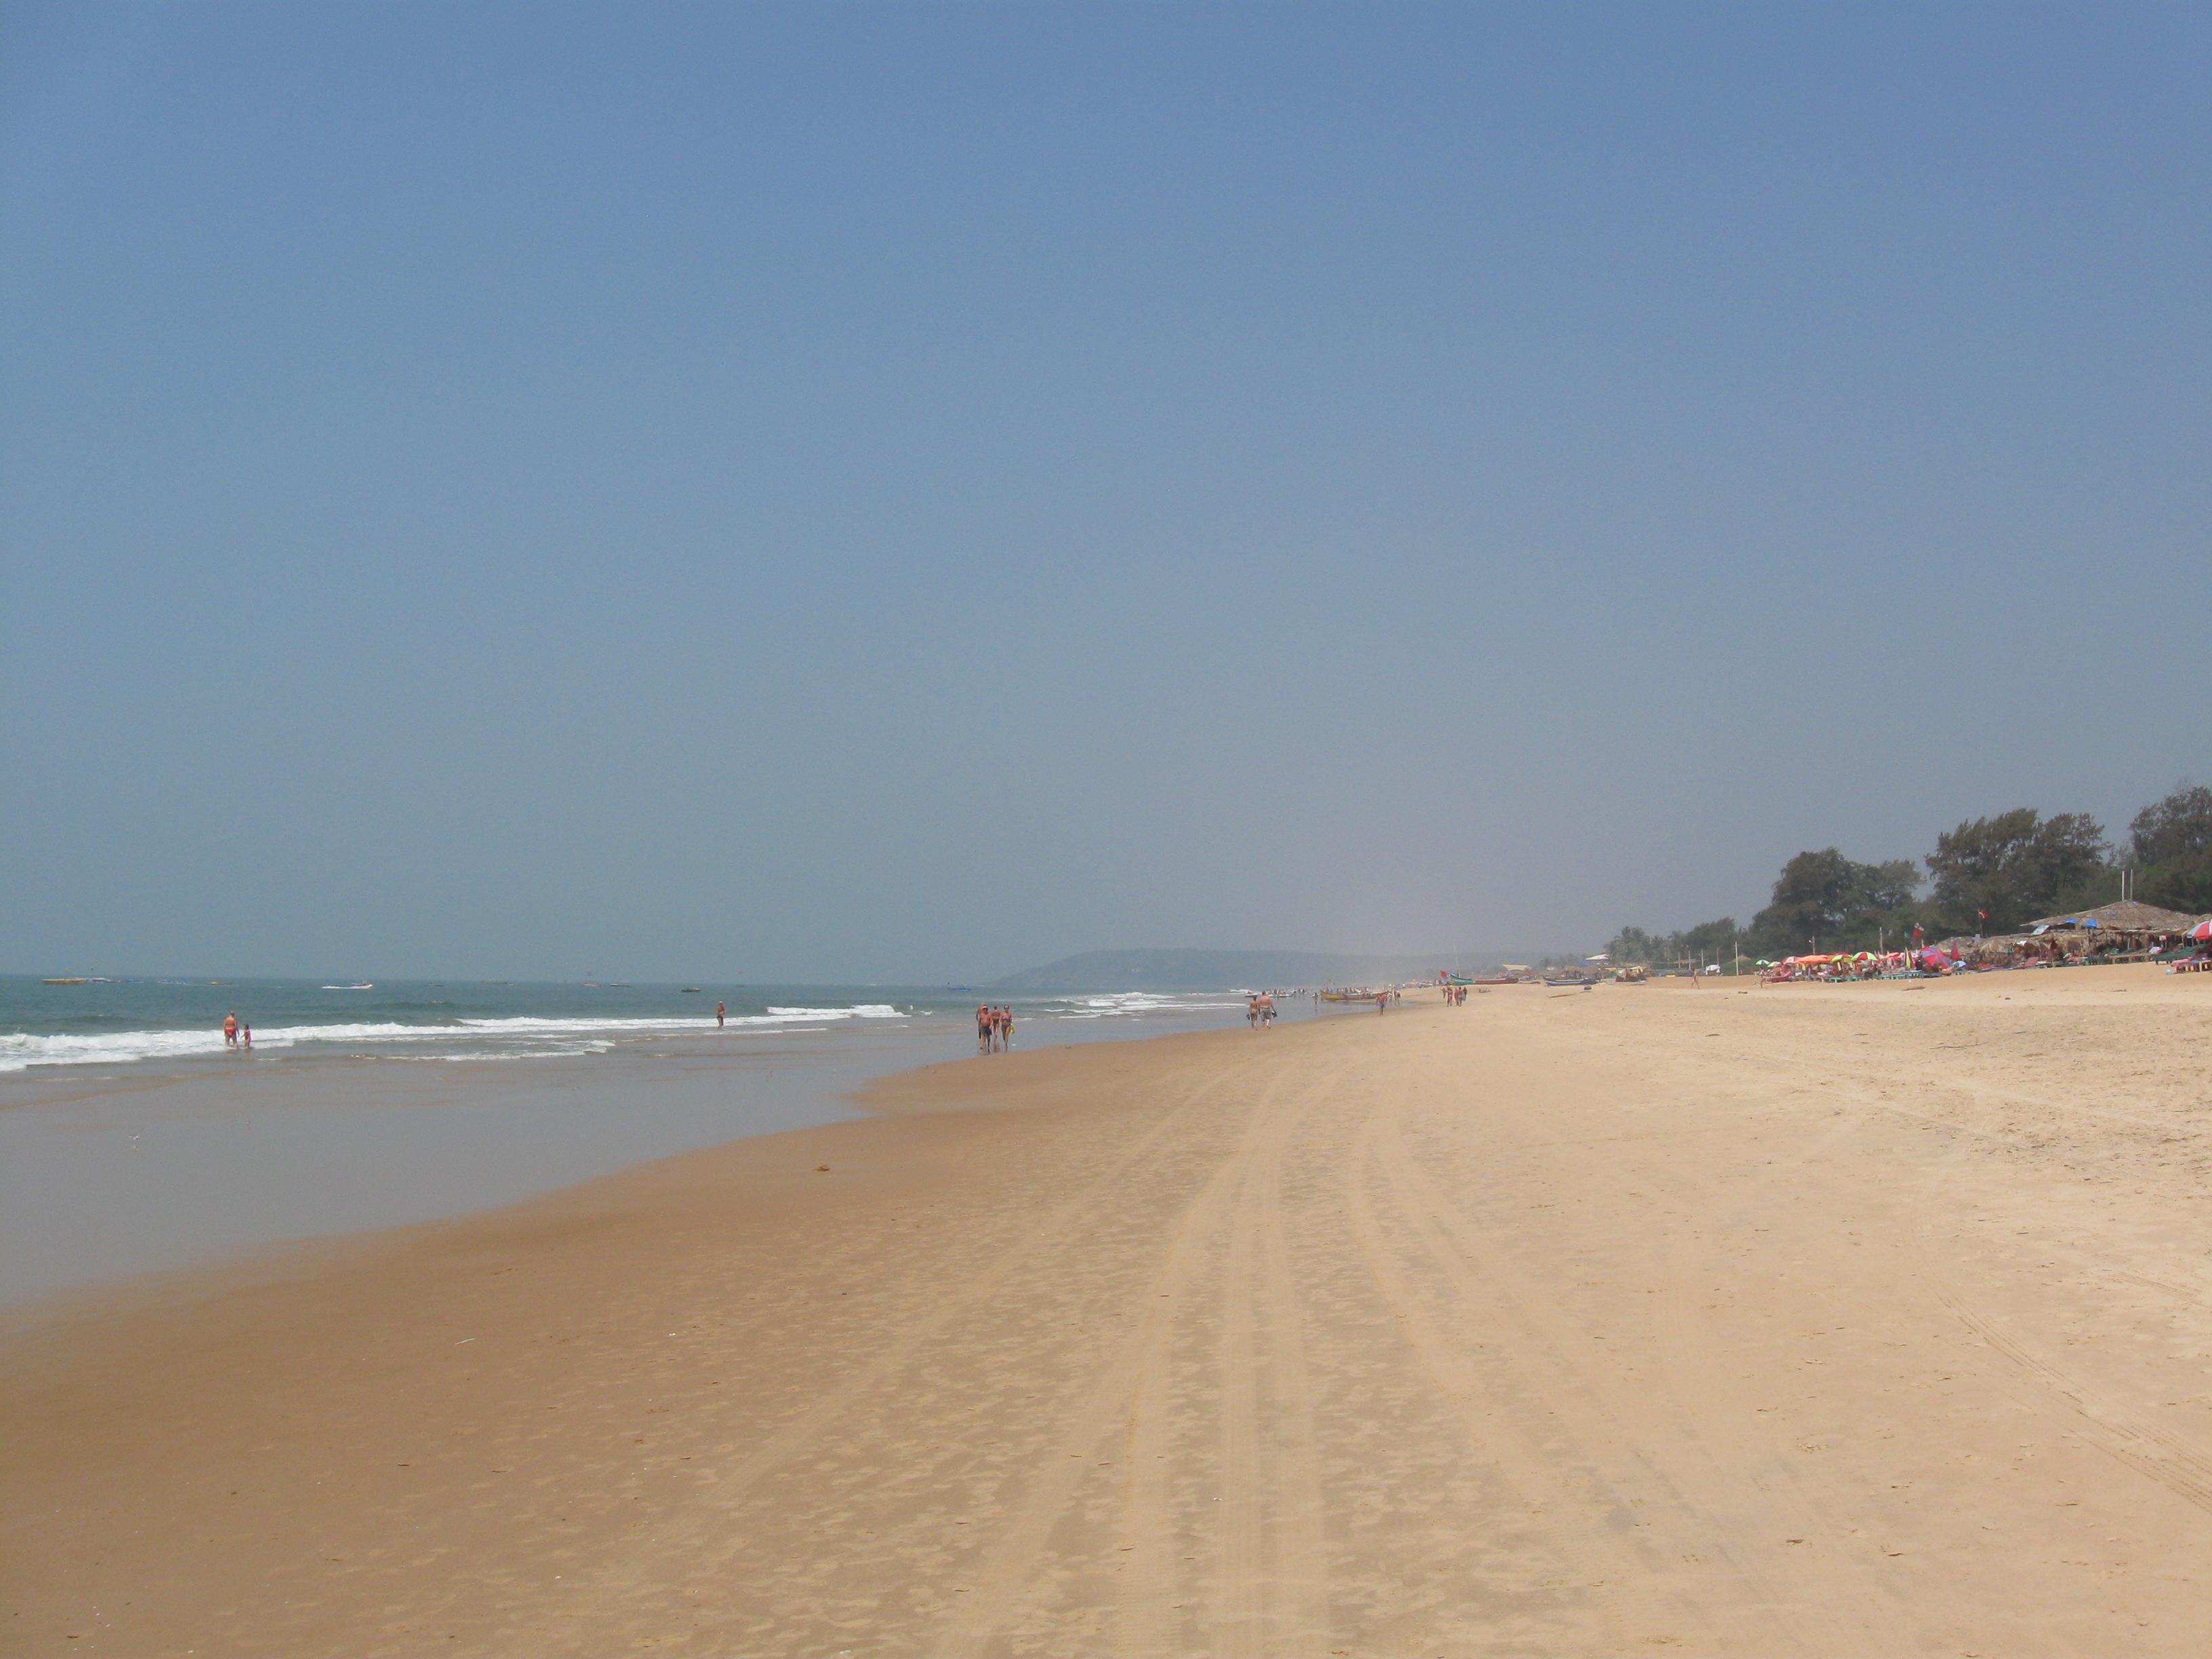 тв-сигнала пляж кандолим гоа индия фото подобным характеристикам